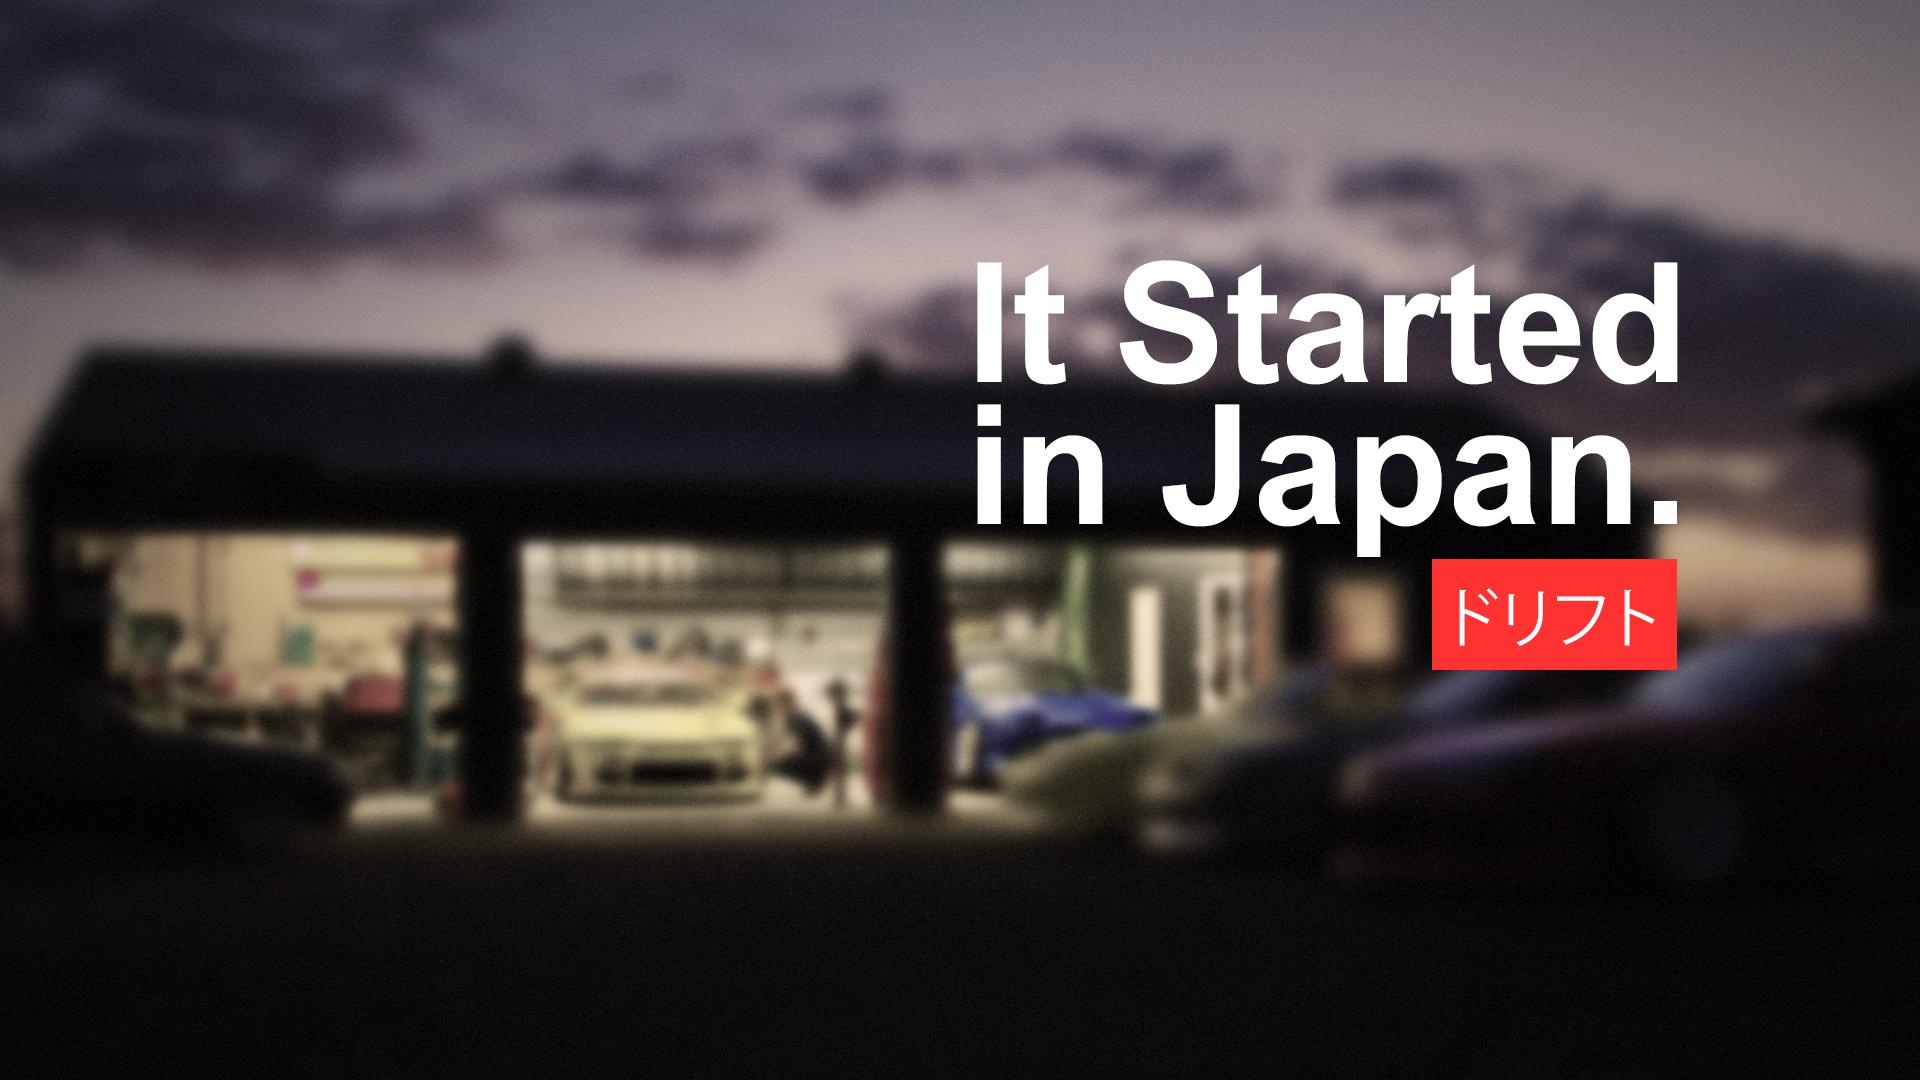 Masaüstü Japonya Japon Arabaları Araç Jdm Sürüklenme Ayarlama